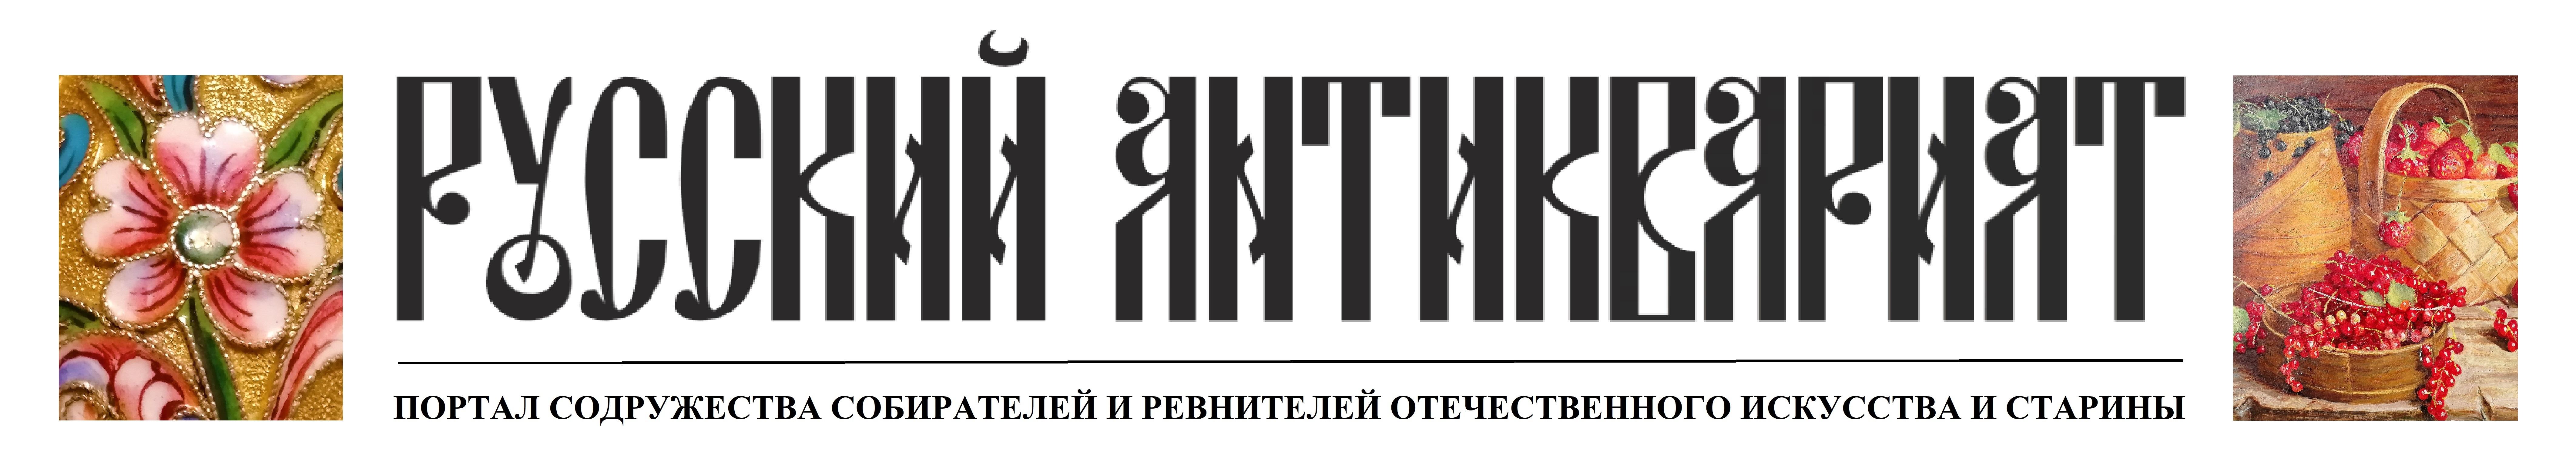 Сайт РУССКИЙ АНТИКВАРИАТ rus-antiques.ru